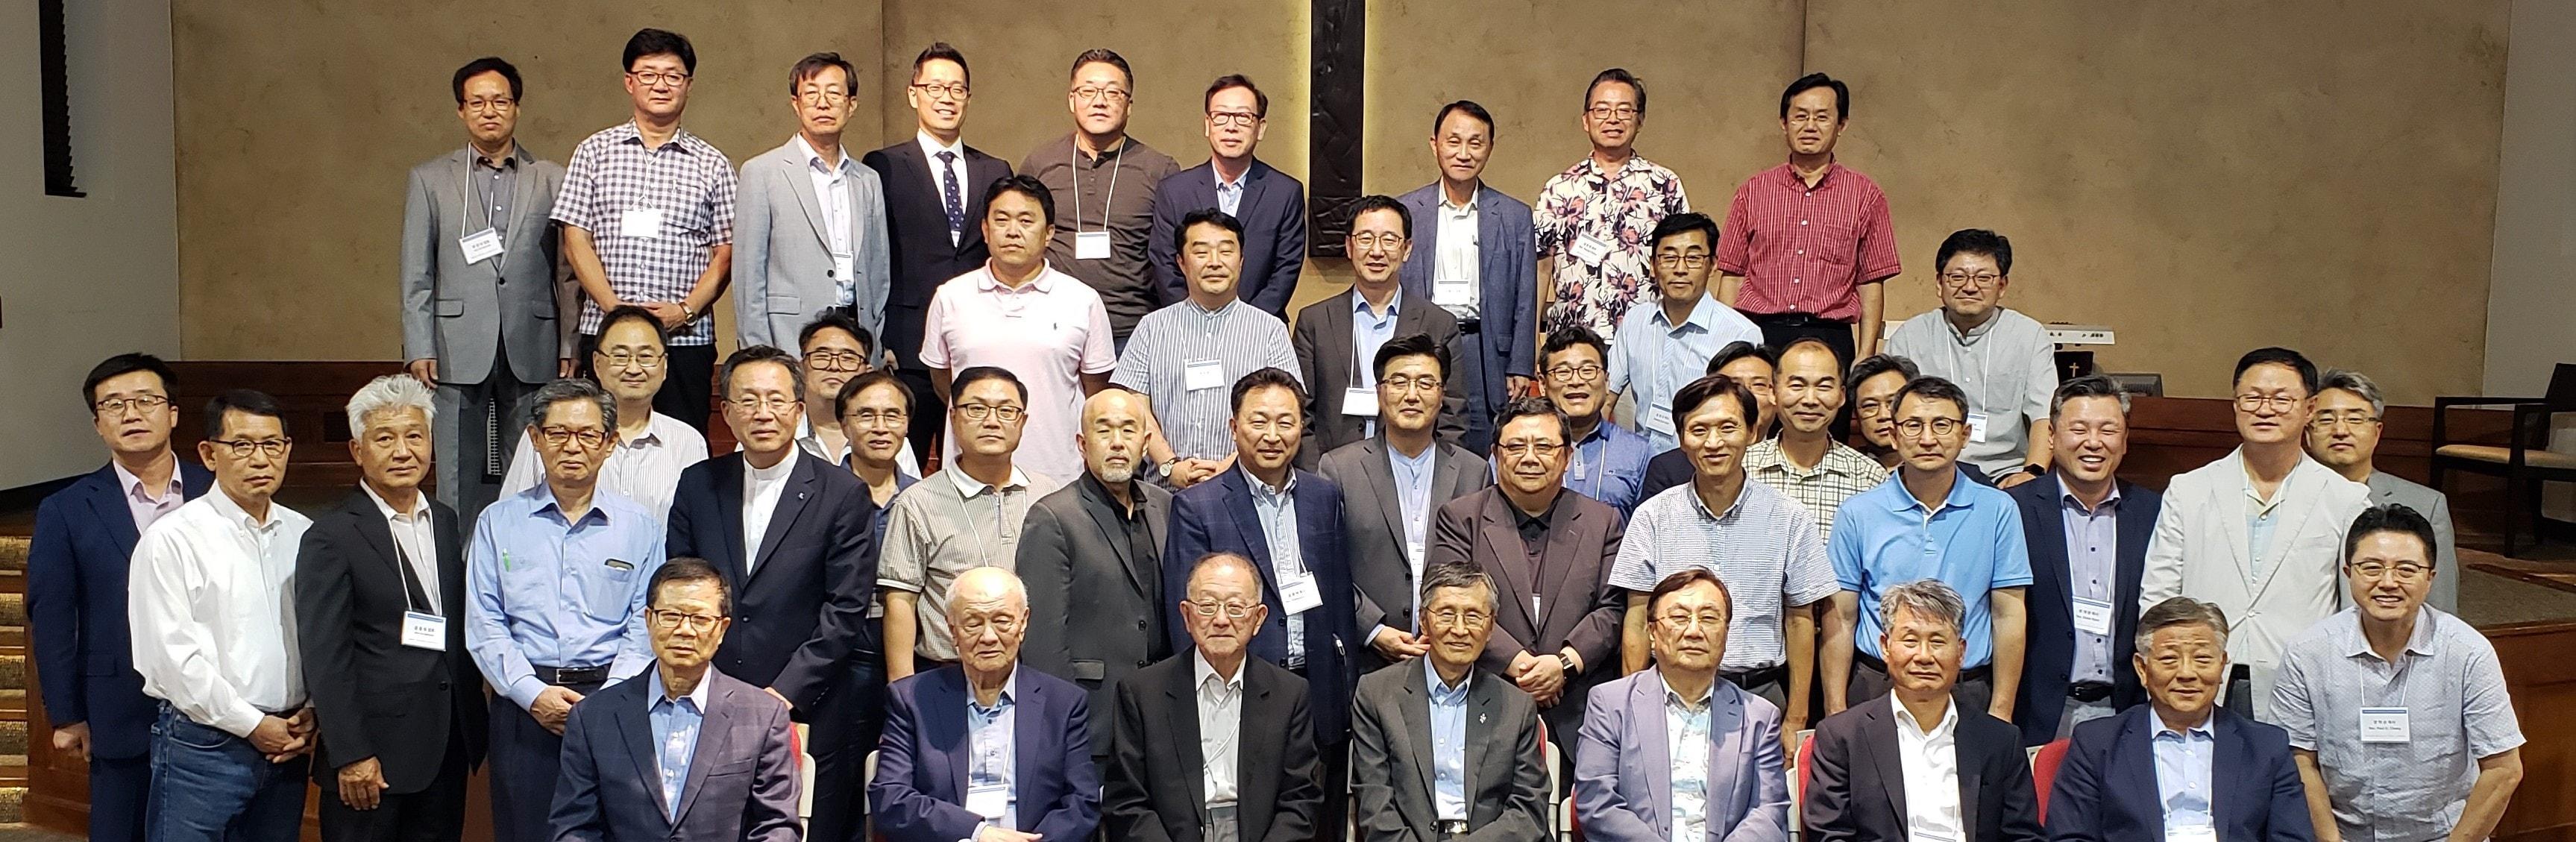 8월 26-28일 텍사스주 달라스 중앙연합감리교회에서 열린 상임위원회에 참석자들. 사진제공 한인교회총회.